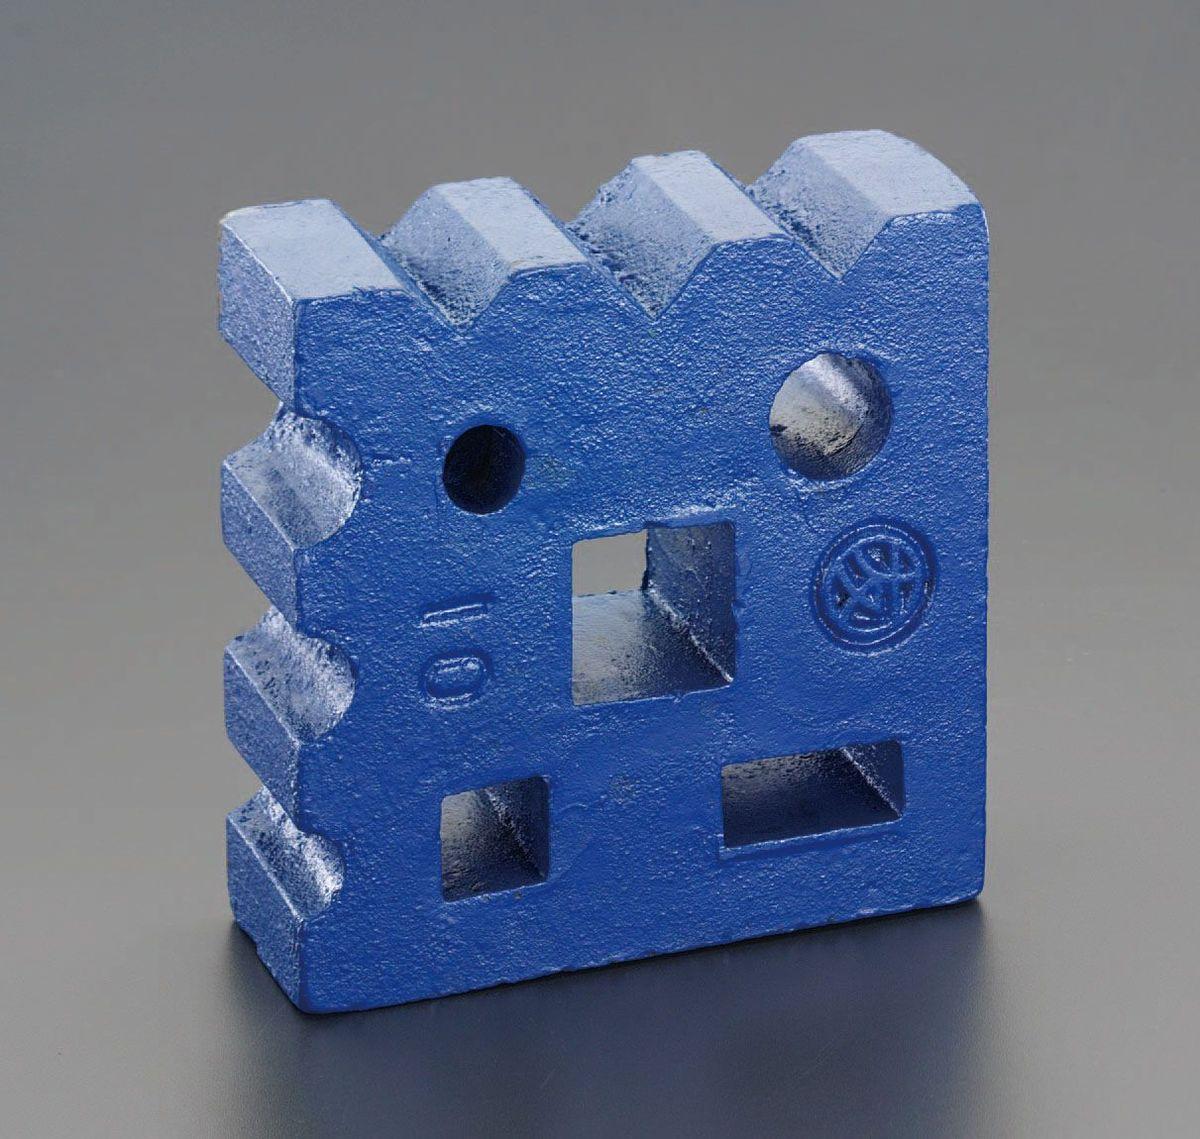 【メーカー在庫あり】 エスコ ESCO 20kg 鋳鉄製 蜂之巣床 000012078036 JP